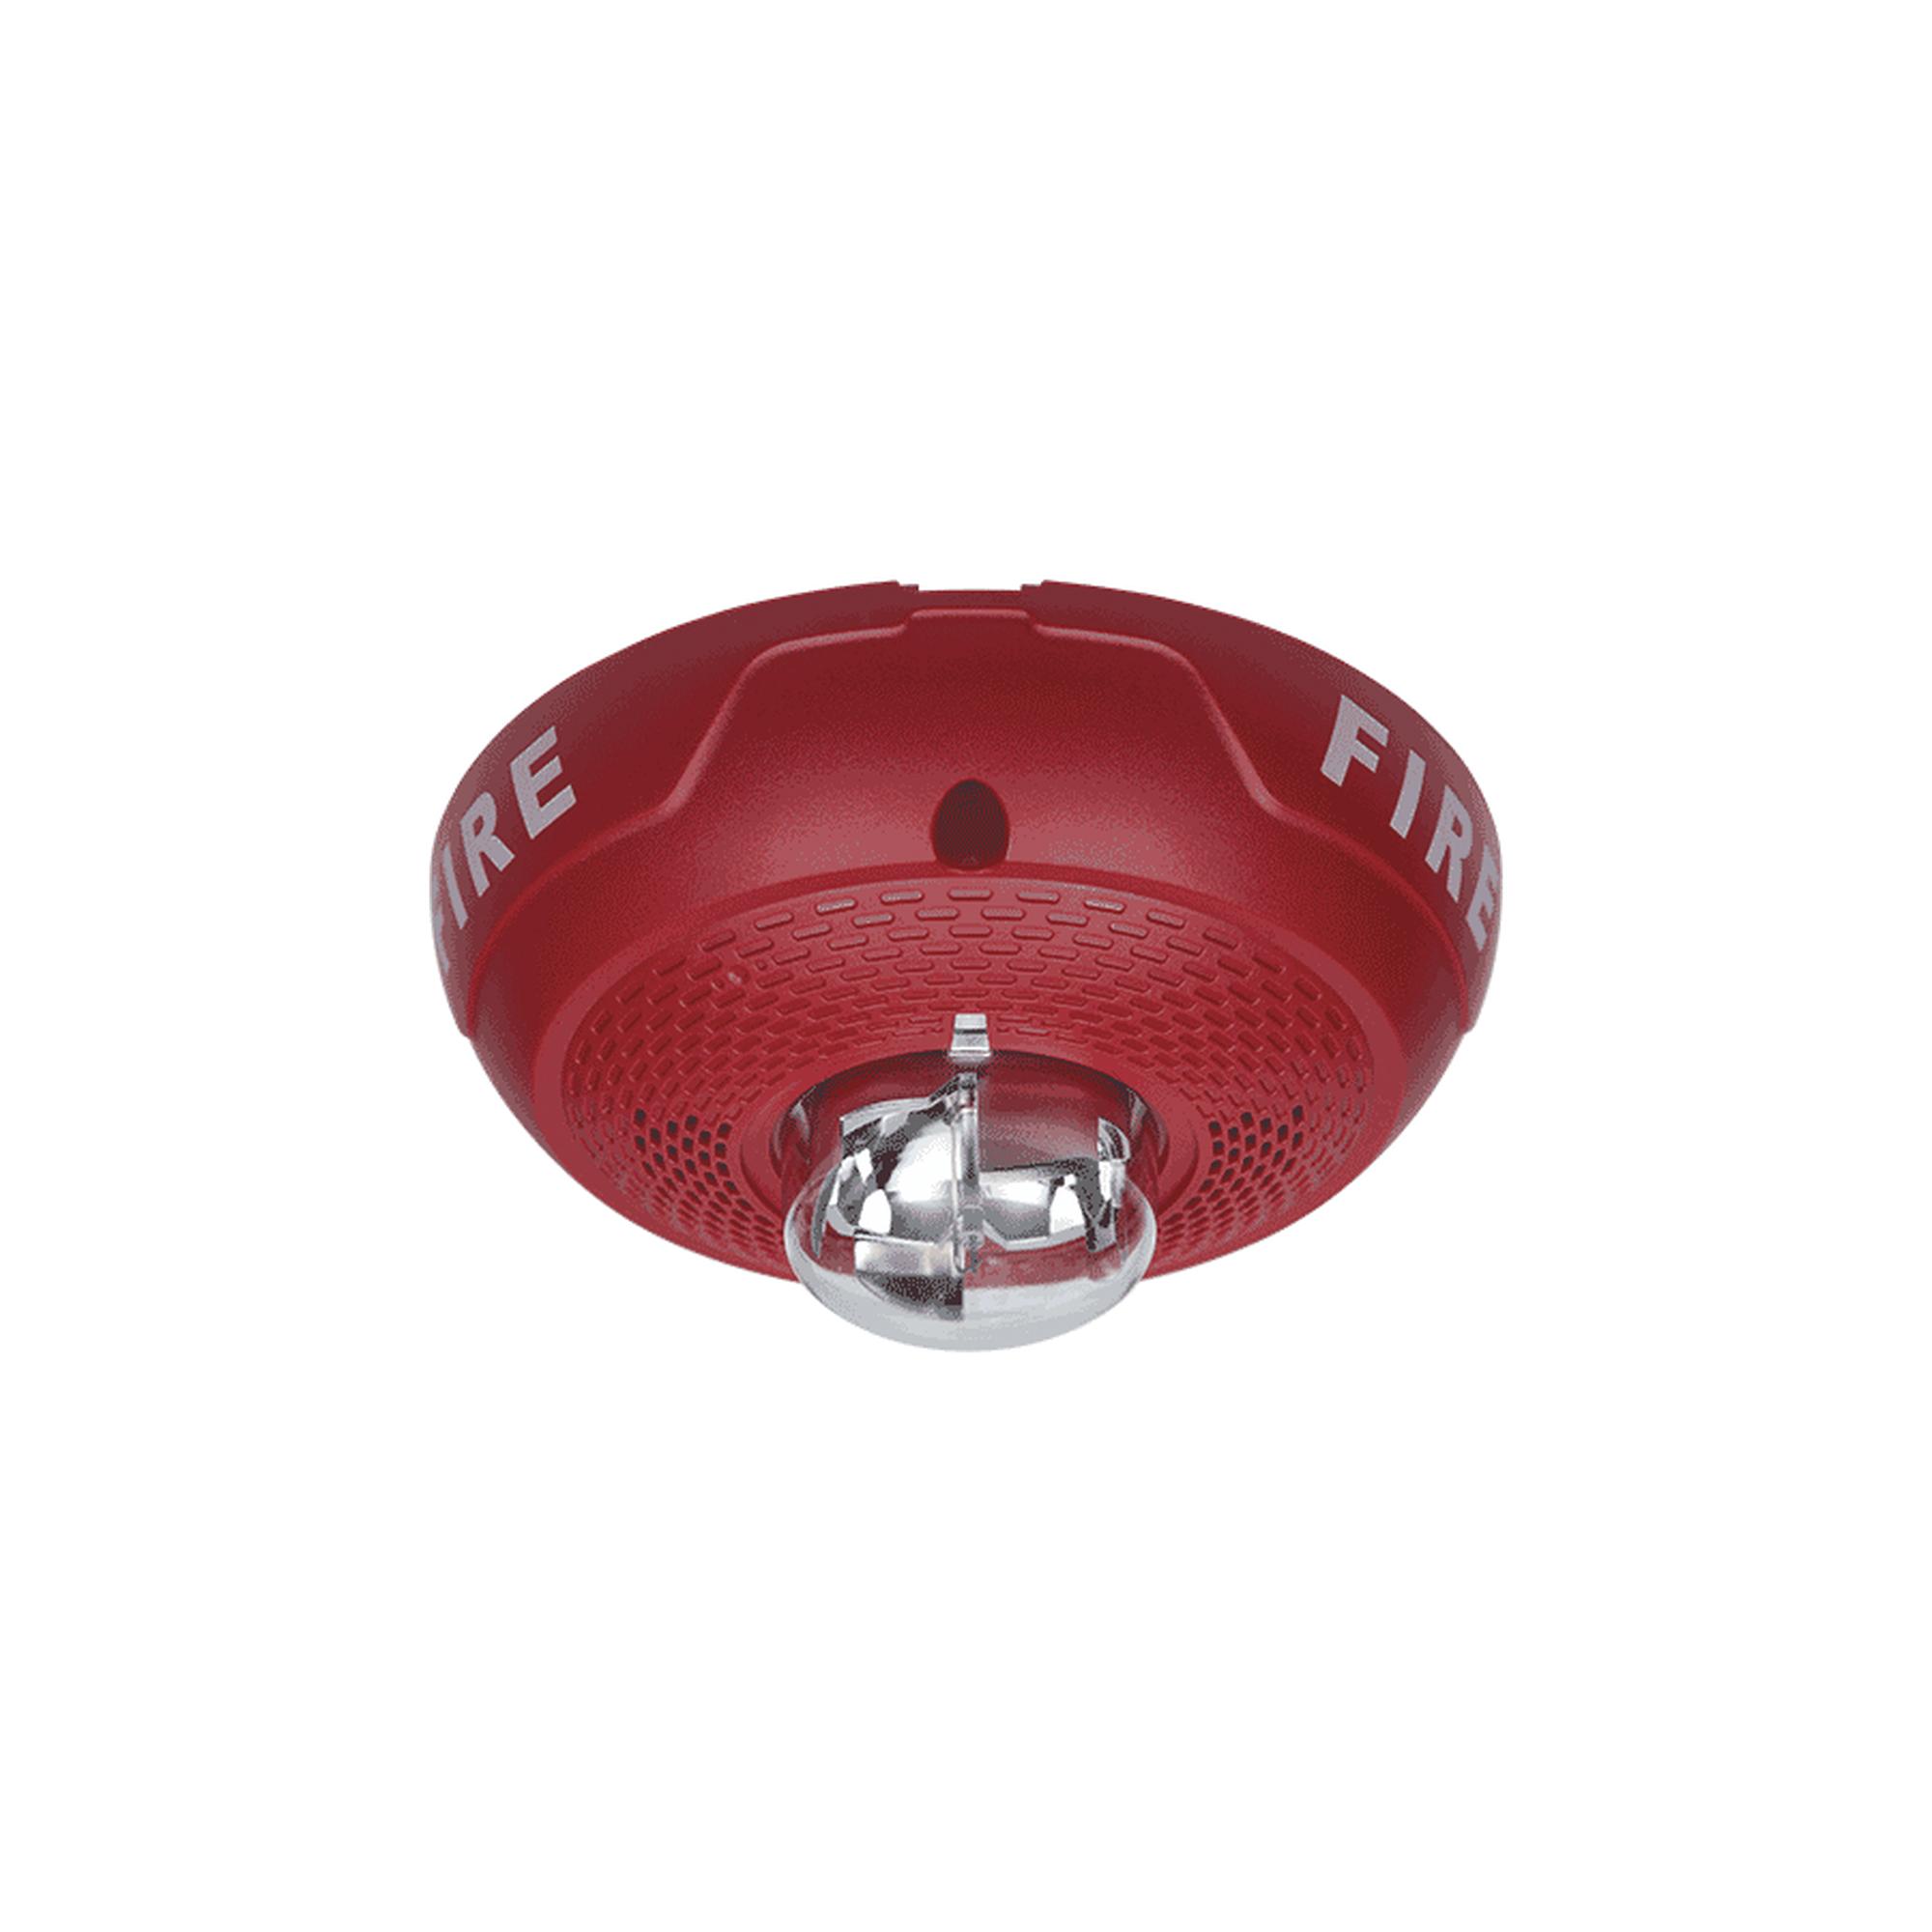 Bocina con Lámpara Estroboscópica, Montaje en Techo, Color Rojo, Nuevo Diseño Moderno y Elegante y Menor Consumo de Corriente